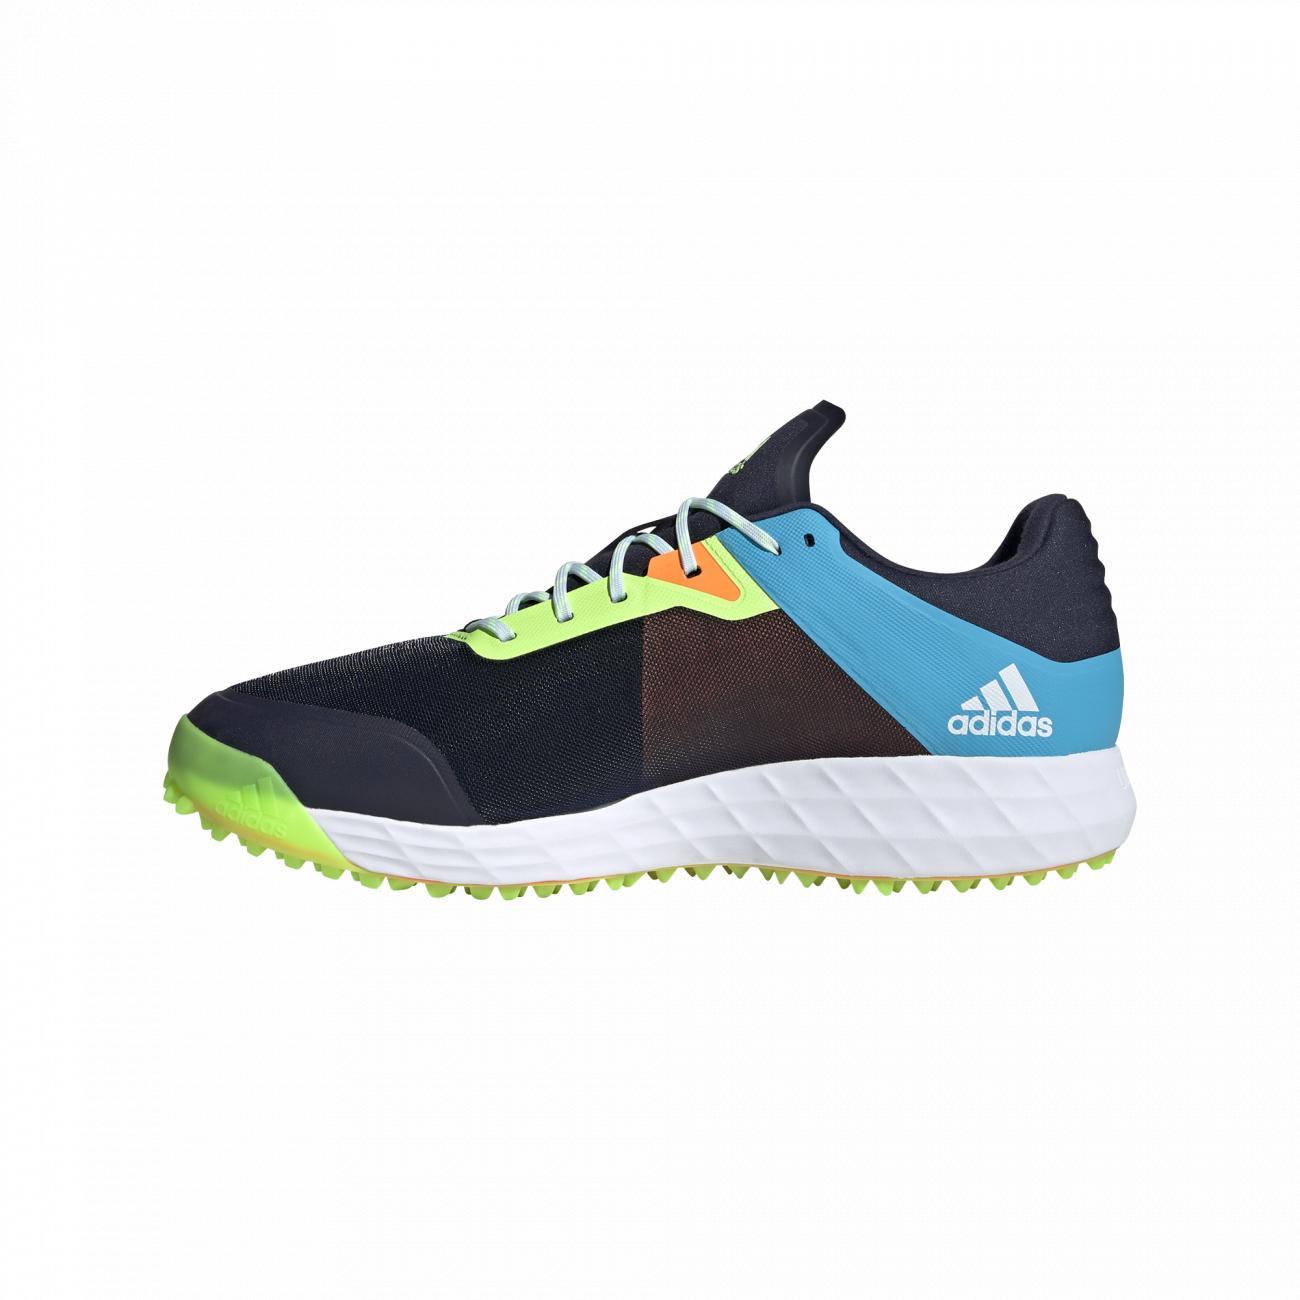 Adidas Hockeyschuhe Adidas LUX 1.9S Schwarz 2019 2020